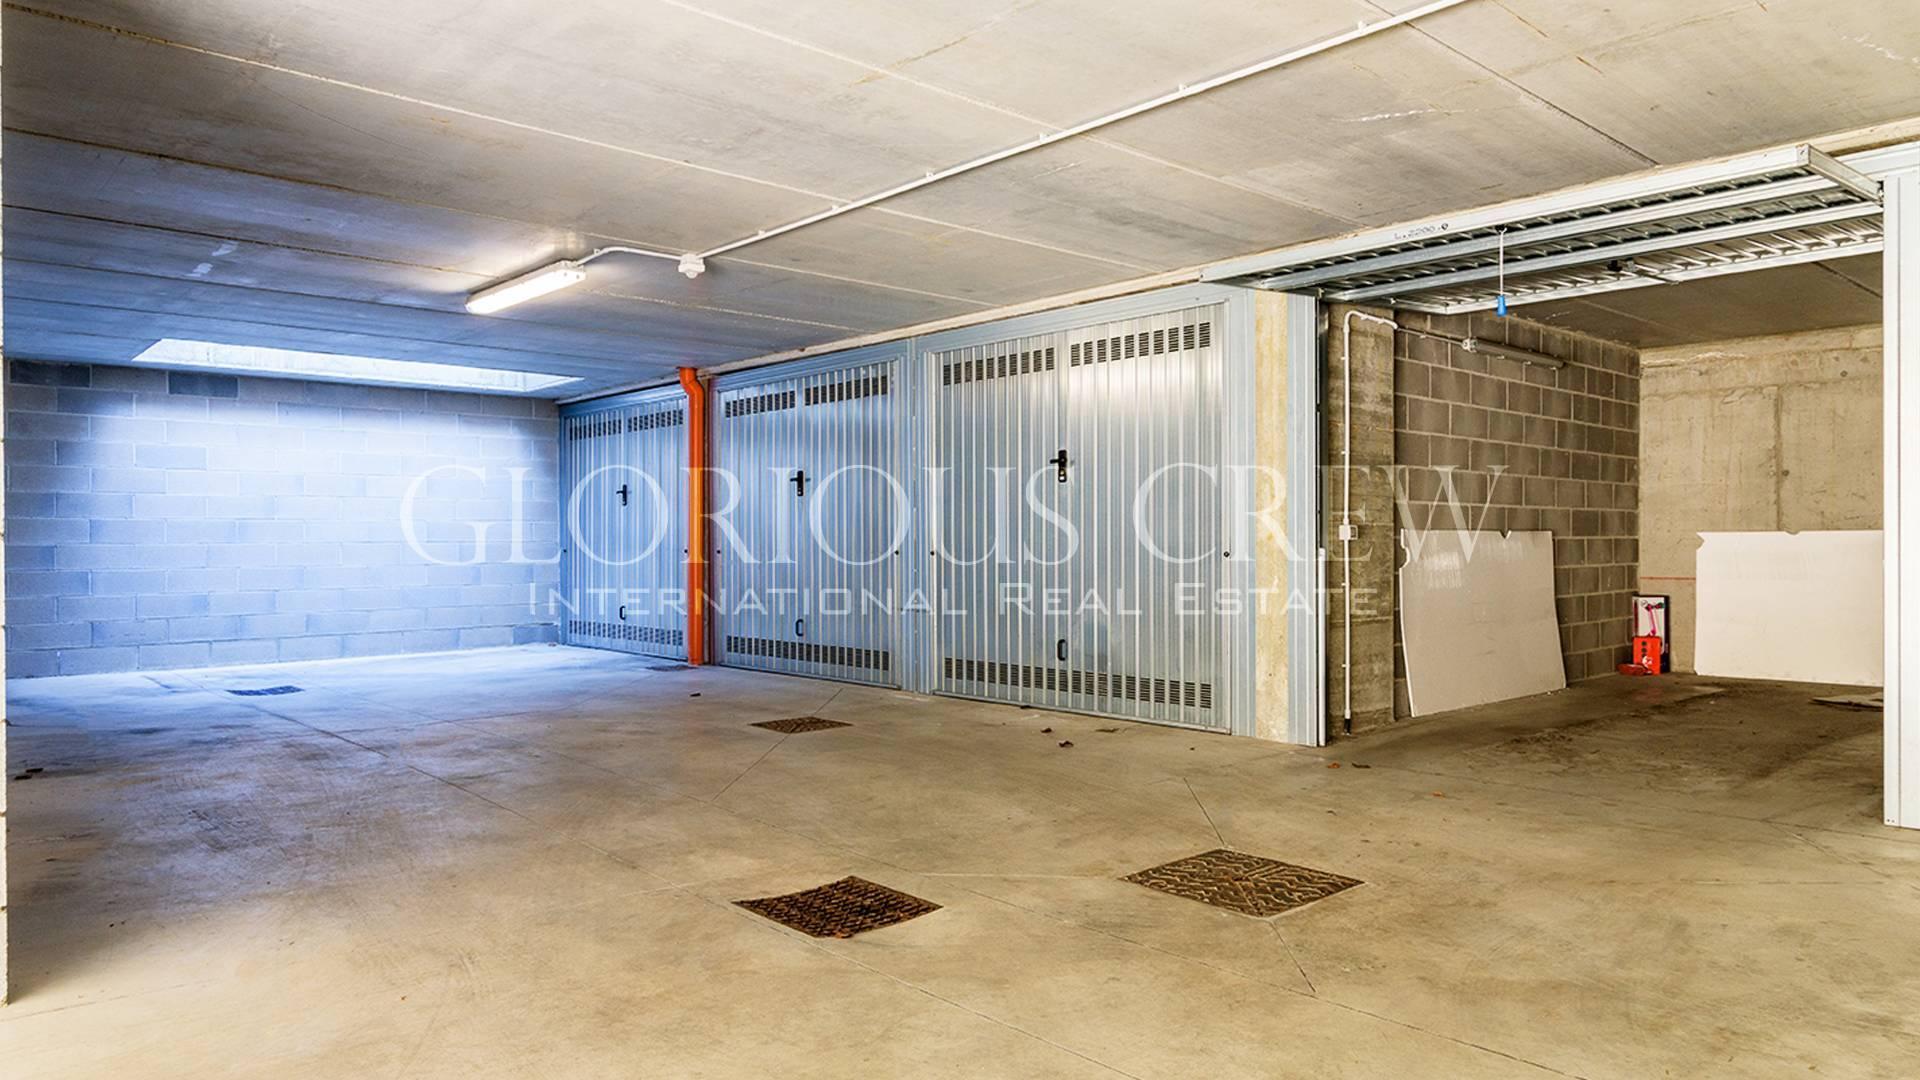 Appartamento in Vendita a Monza: 4 locali, 149 mq - Foto 24